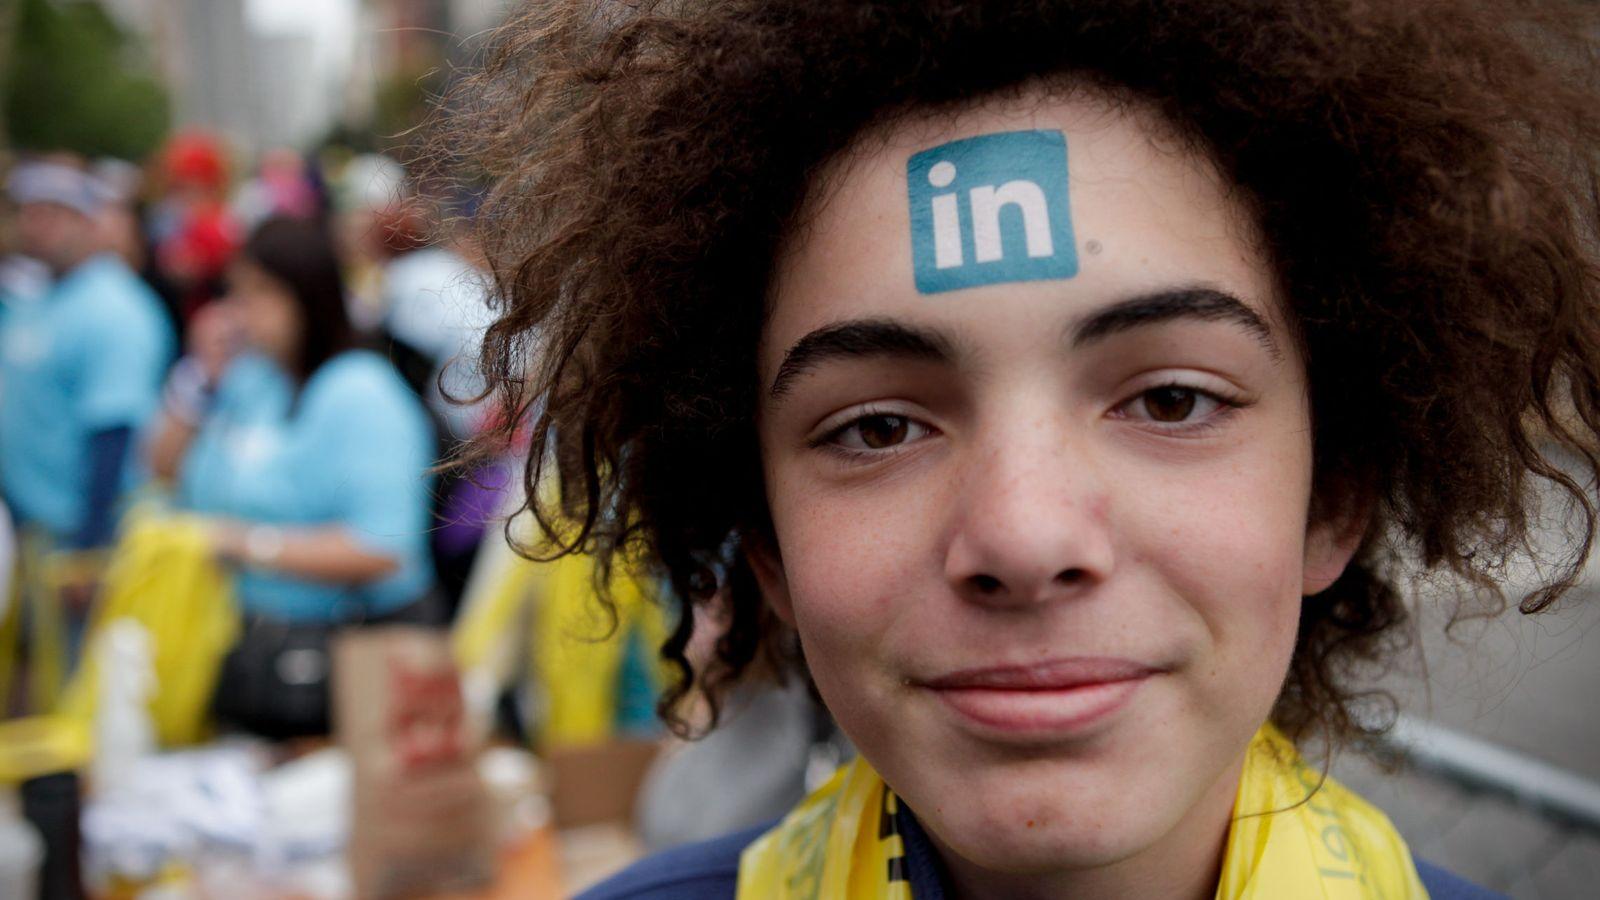 Foto: ¿Conoces la diferencia entre un trabajador de cuello banco y otro de cuello azul? Esa diferencia es la que explica por qué encontrar empleo en Linkedin no es tan fácil. Foto: ANLSCMYD (Flickr).